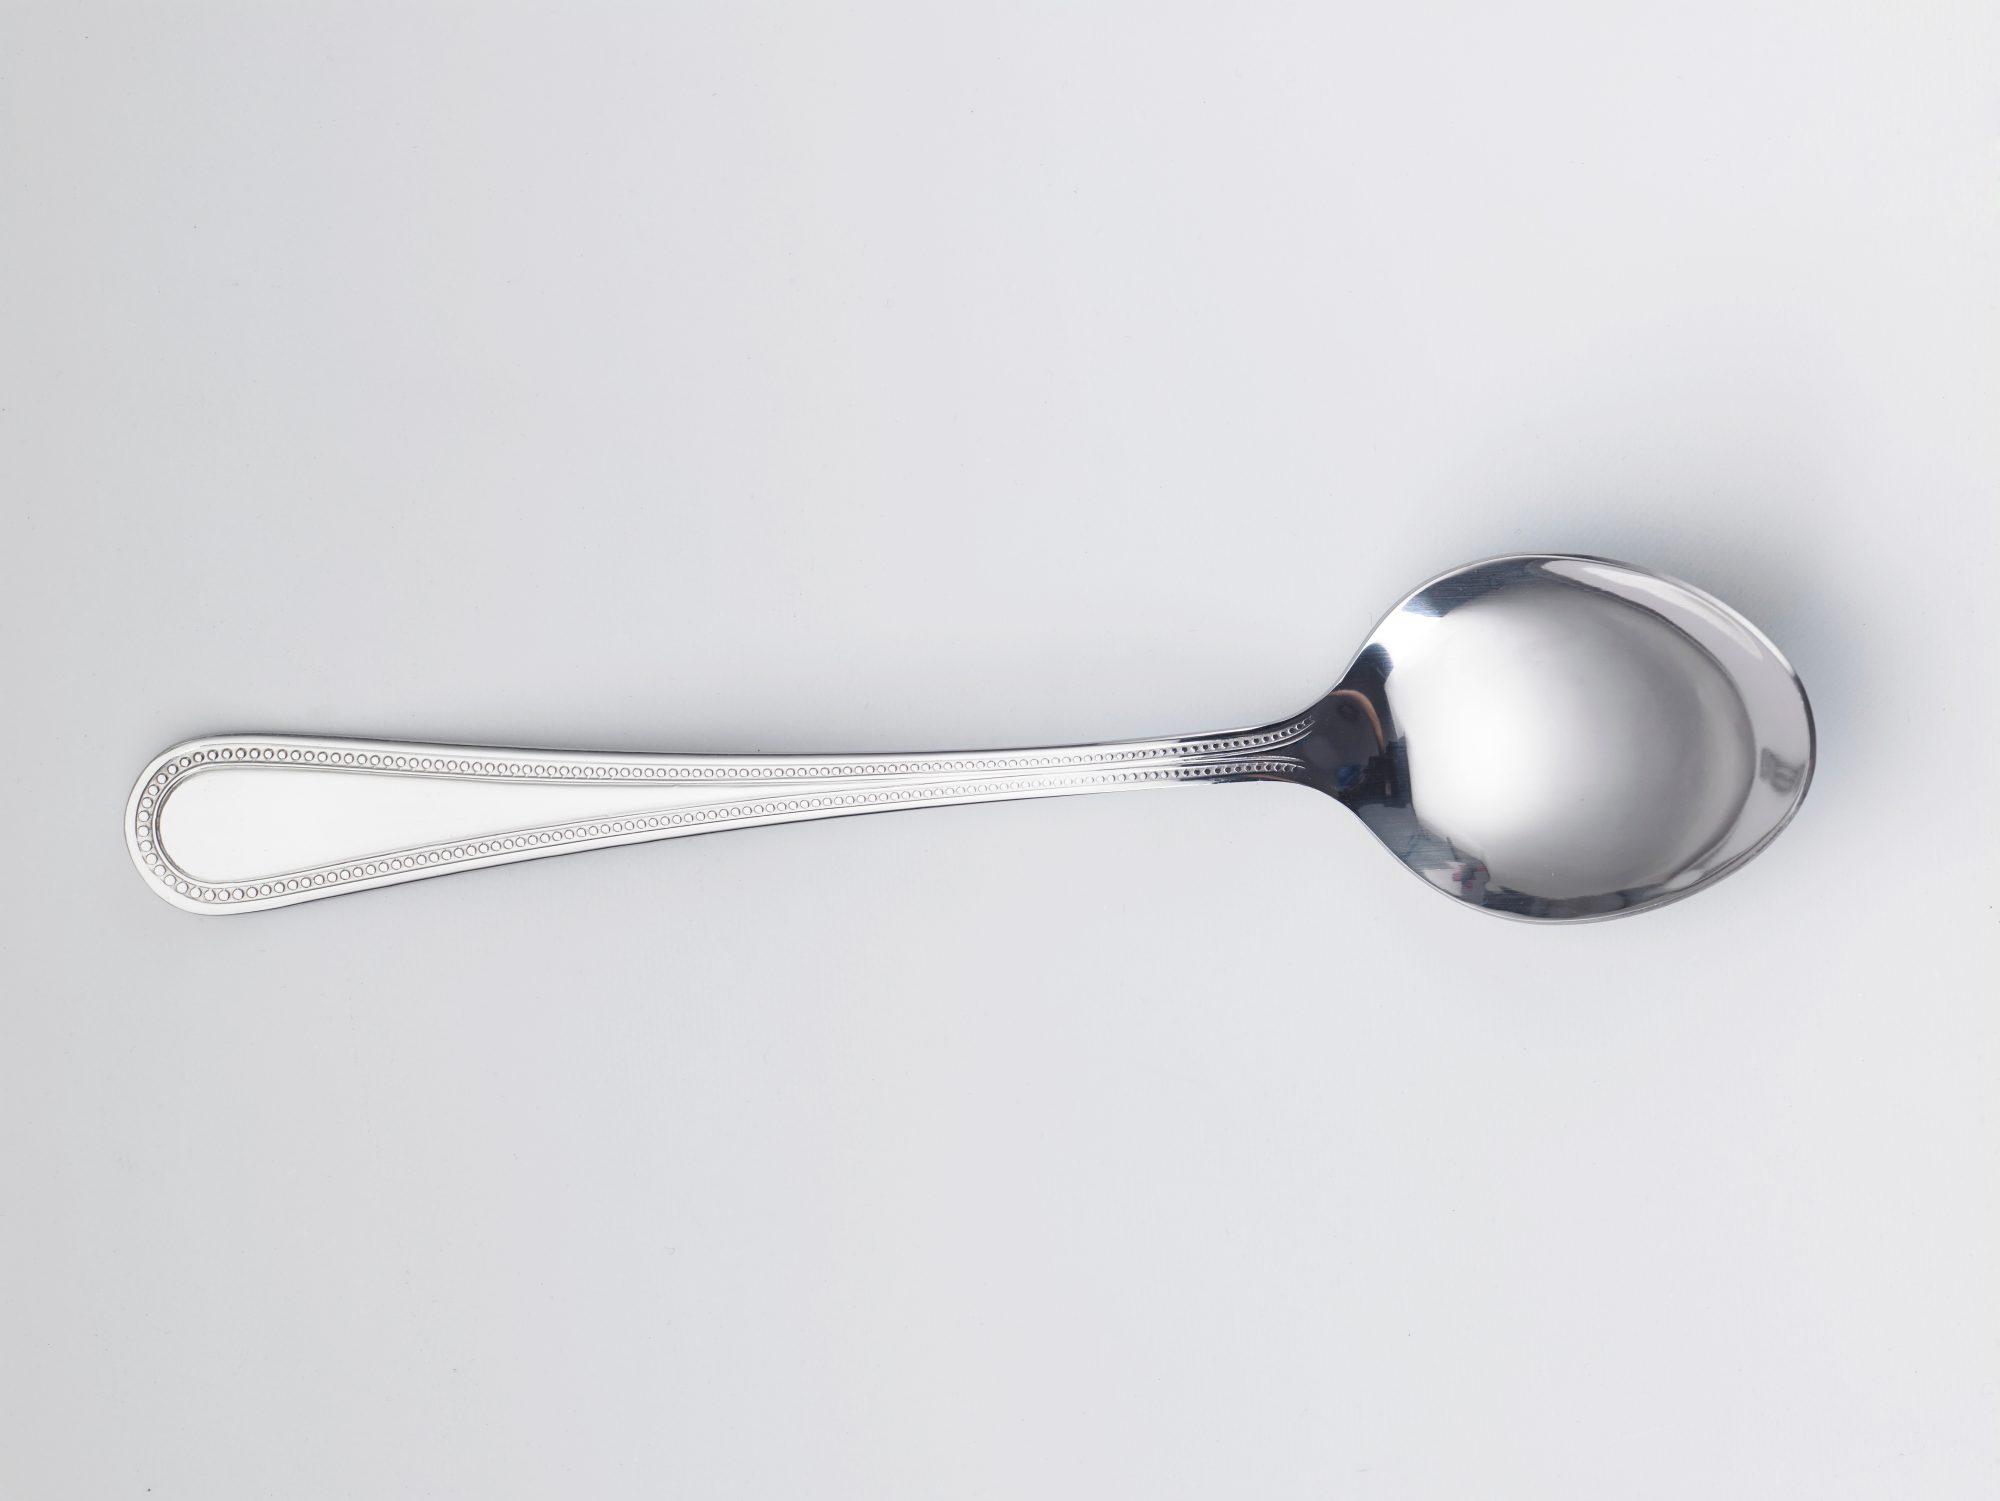 Spoon Getty 3/20/20